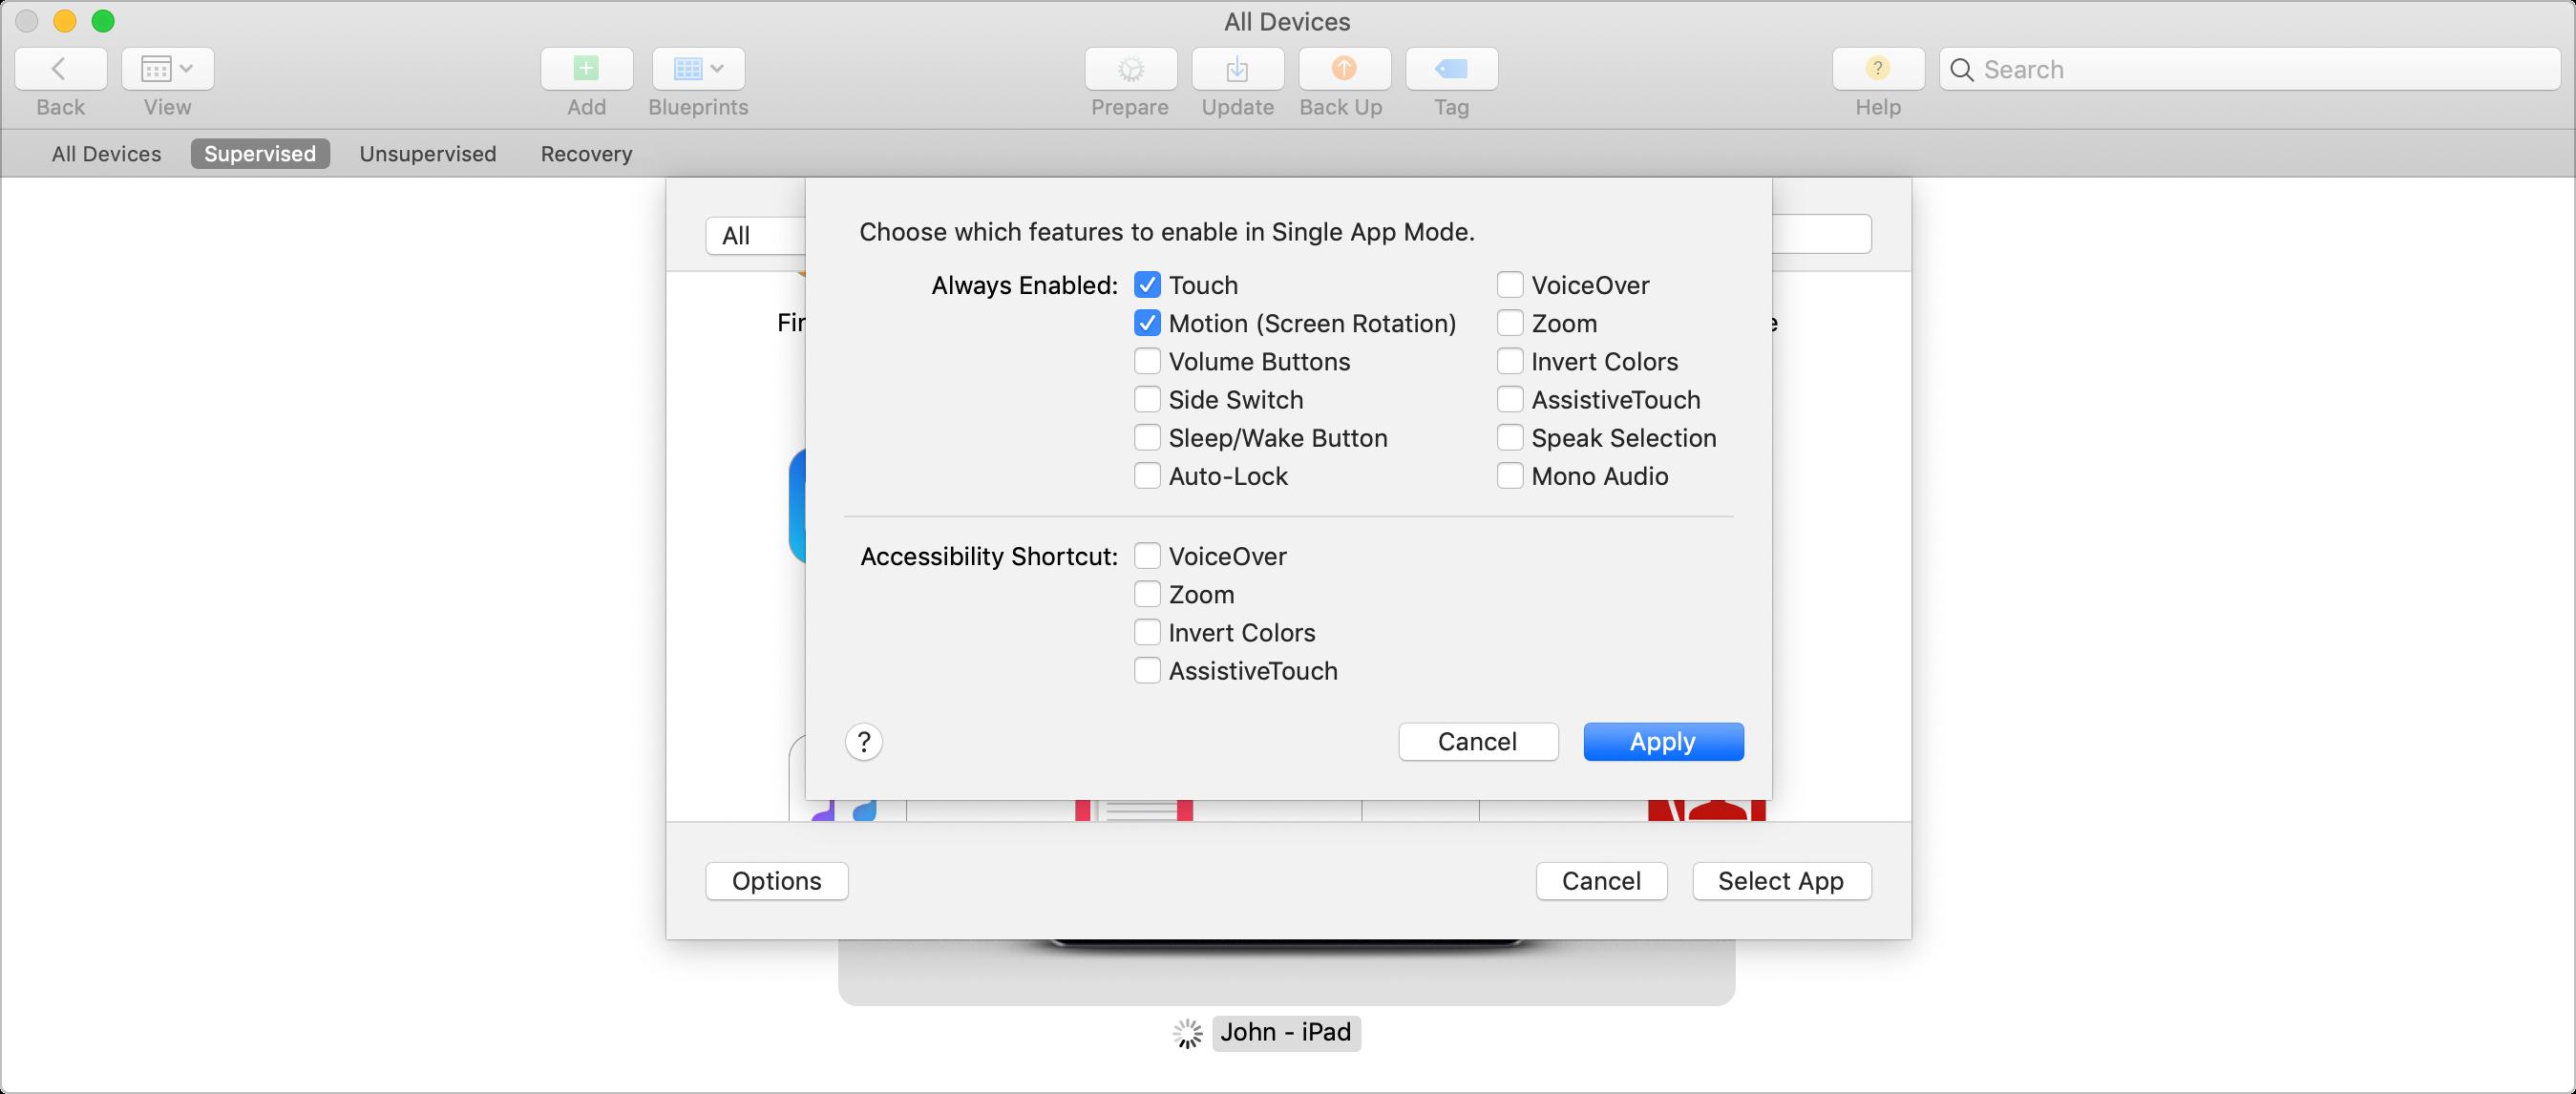 New kiosk mode for iPads – Single App Mode | MeetingRoomApp